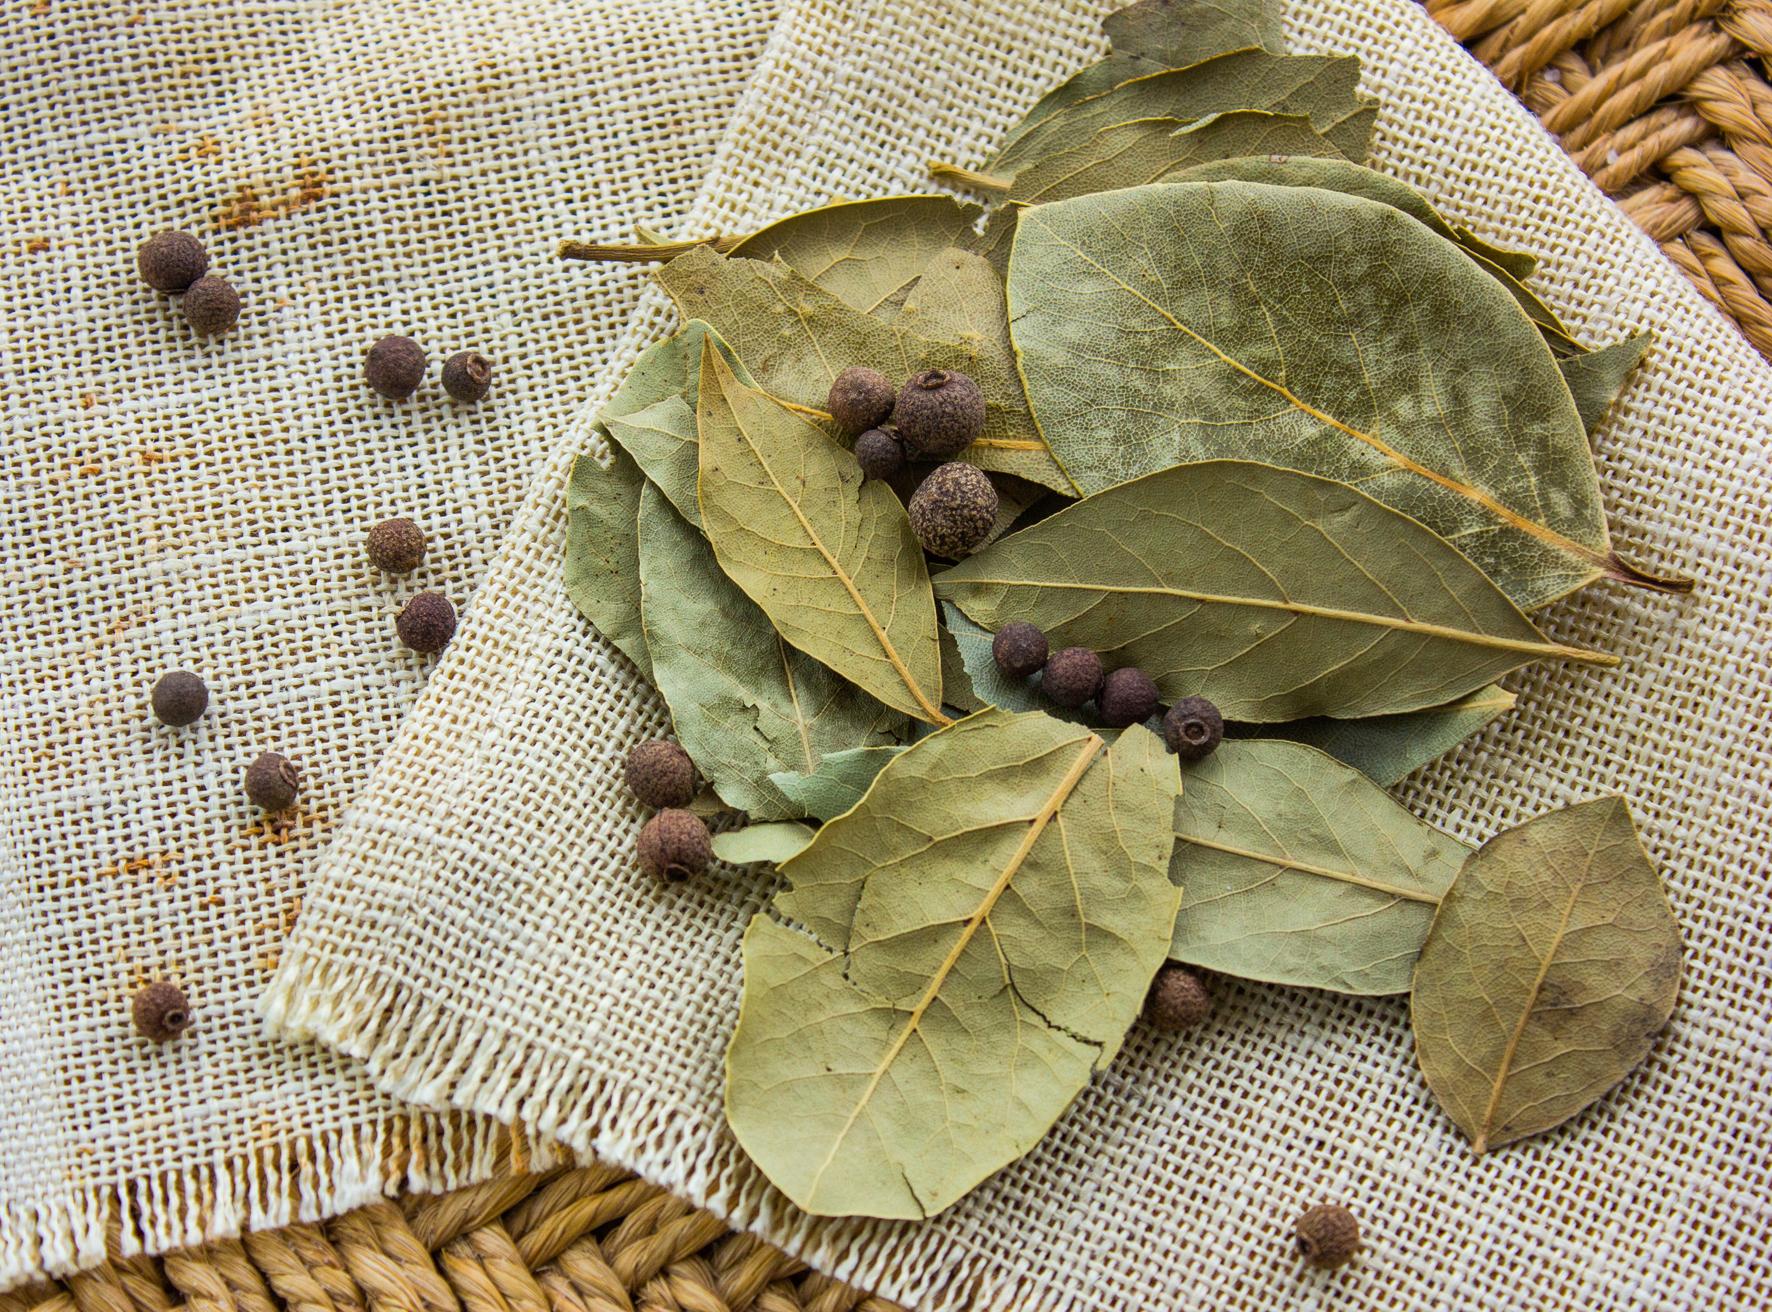 Bobkový list bychom neměli doma uchovávat déle než jeden rok a vždy v suchu a temnu.